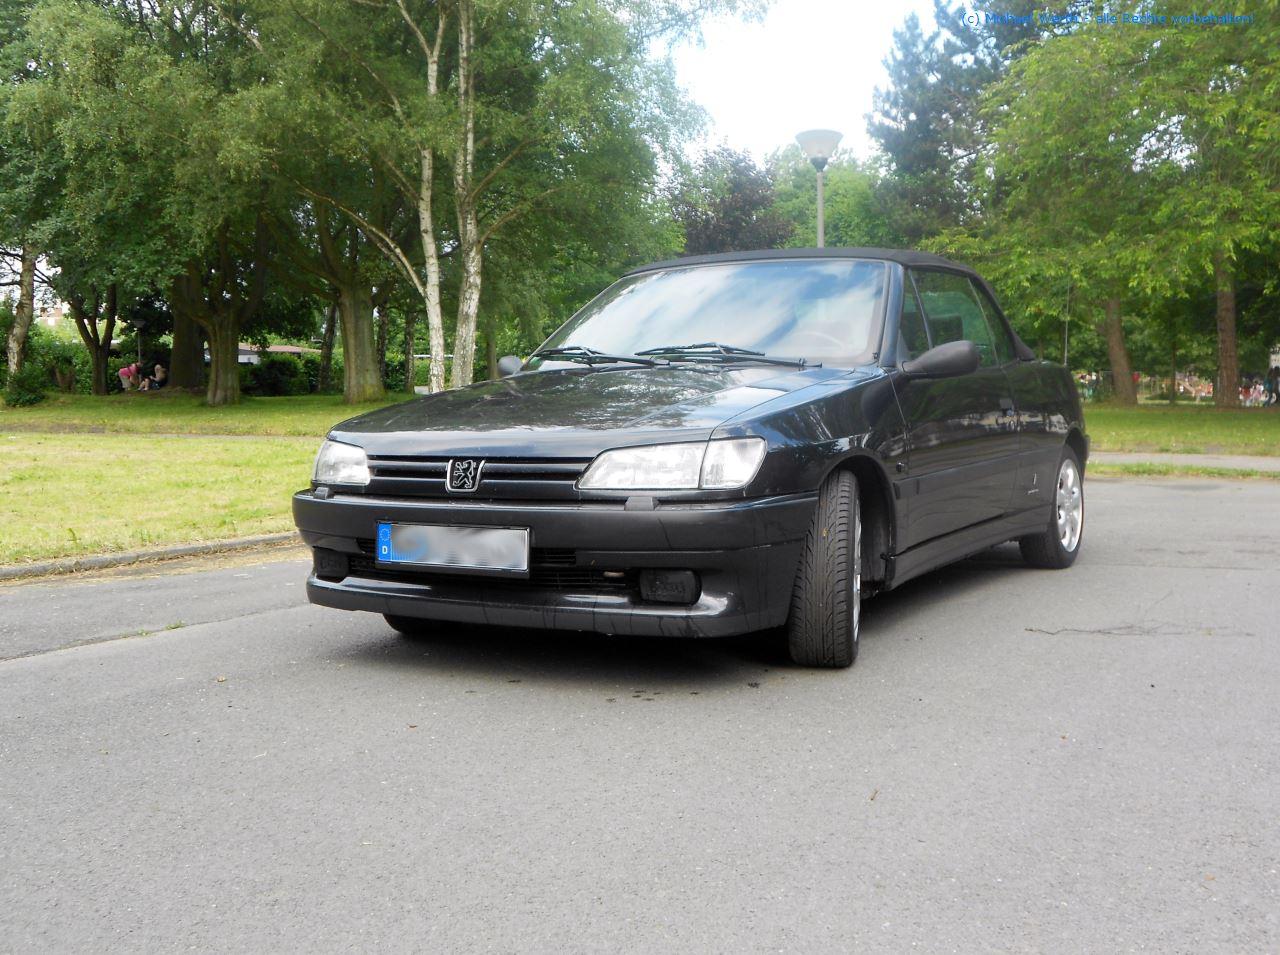 1996er Peugeot 306 Cabriolet #02